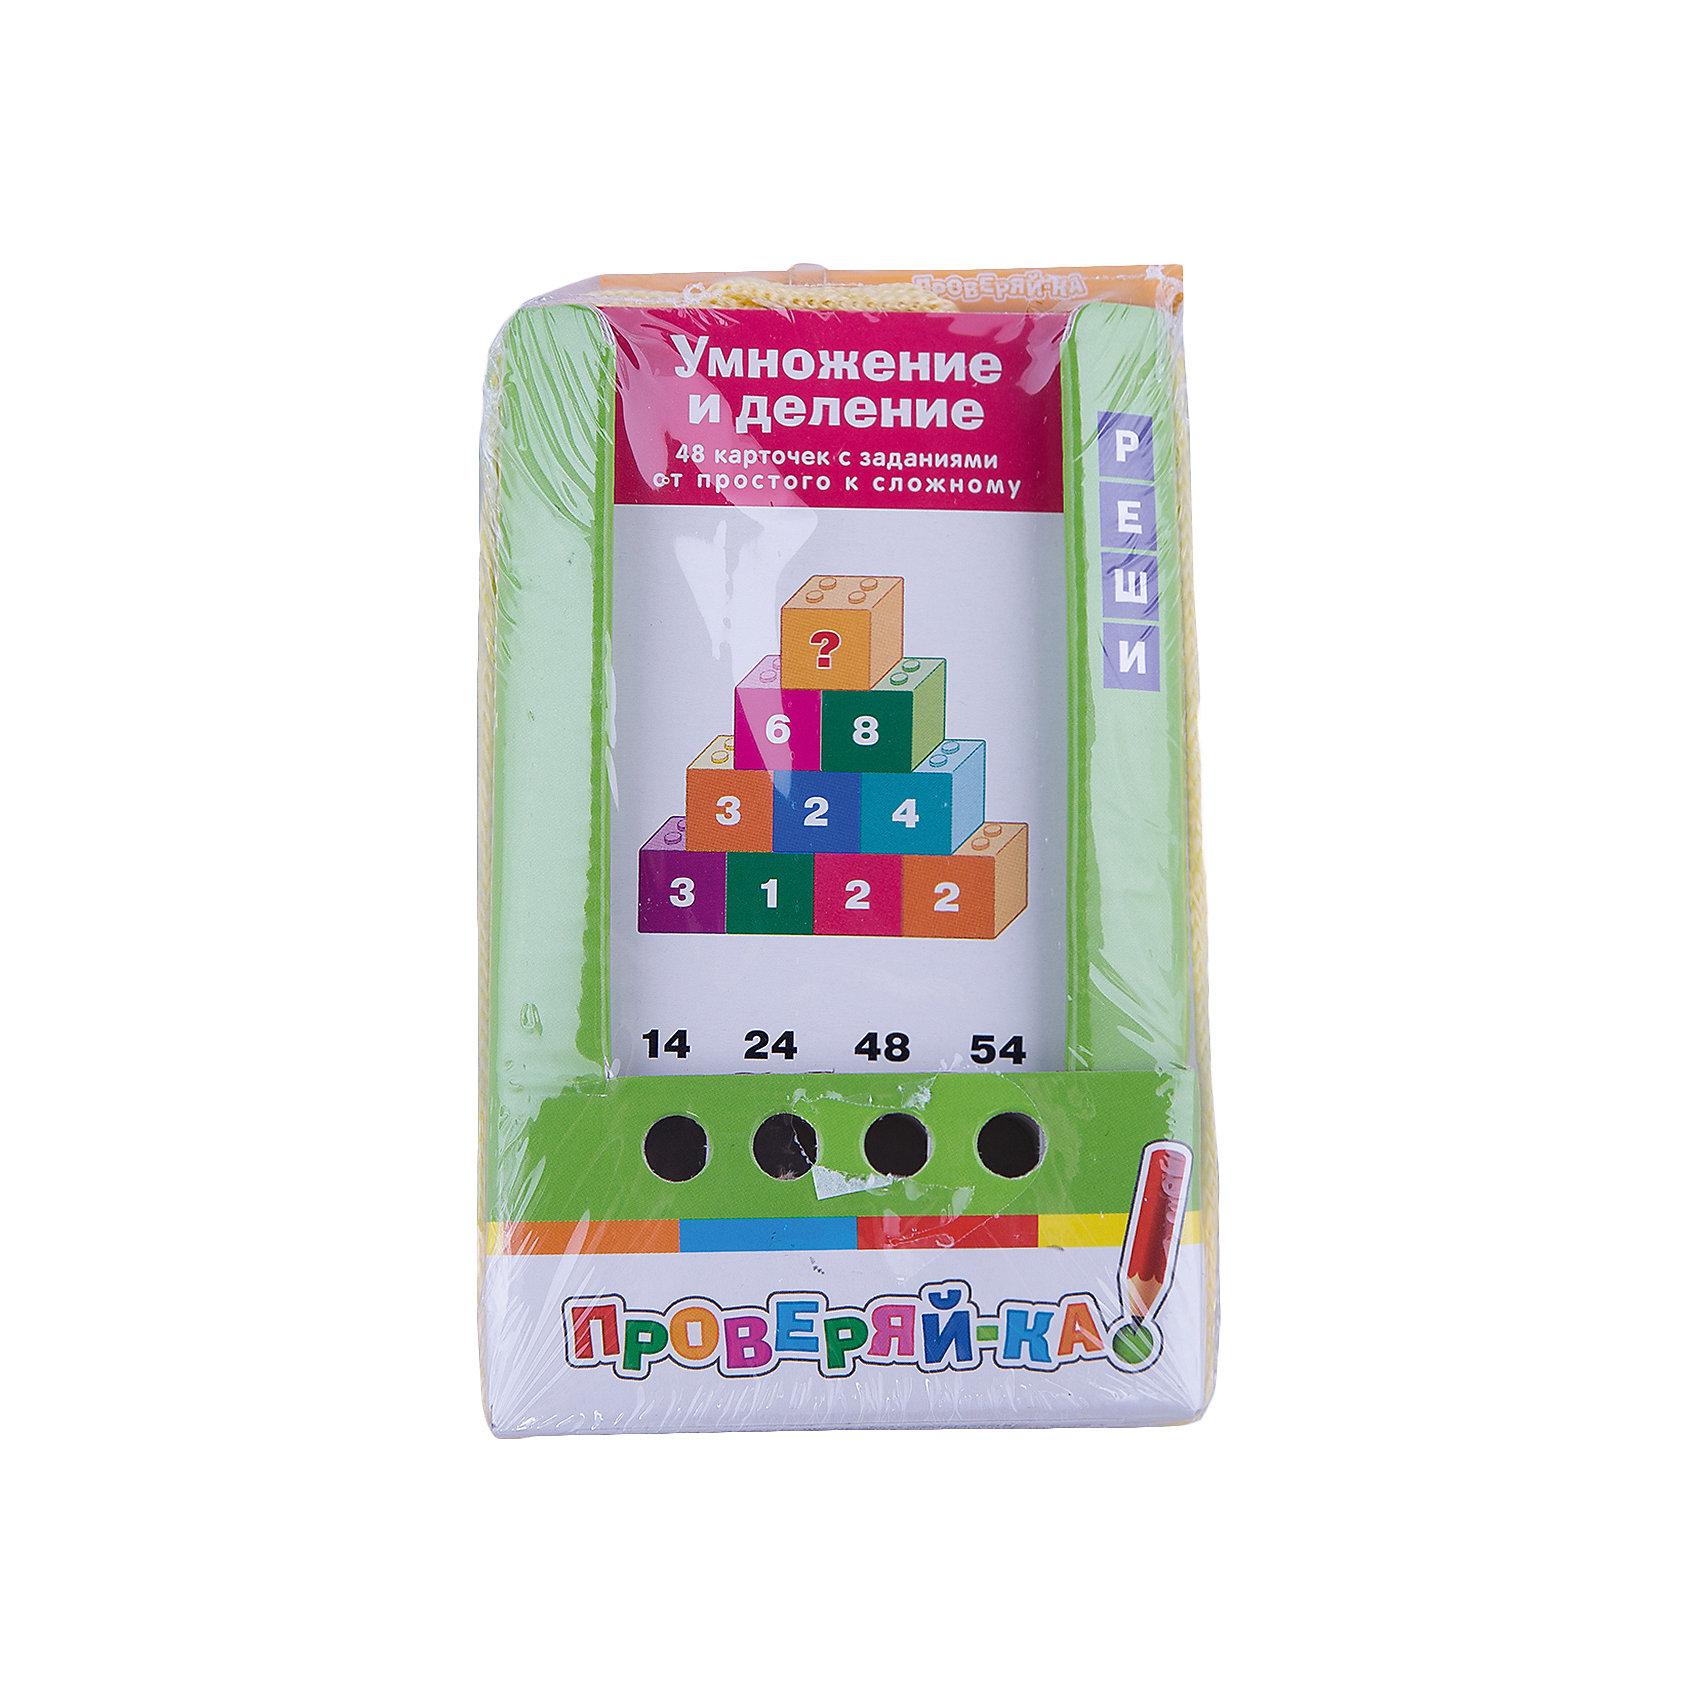 Проверяй-ка: Умножение и деление, Куликова Е.Н.Обучающие карточки<br>Характеристики товара:<br><br>• возраст: от 6 лет<br>• комплектация: 48 двухсторонних картонных карточек; блок с закрепленным карандашом<br>• автор: Куликова Е.Н.<br>• производитель: Айрис-пресс<br>• серия: Проверяй-ка<br>• иллюстрации: черно-белые, цветные<br>• размер карточки: 14х8,5 см.<br>• длина карандаша: 8,5 см.<br>• упаковка: картонная коробка<br>• размер упаковки: 15,5х9,6х2,3 см.<br>• вес: 112 гр.<br><br>Комплект состоит из 48 двухсторонних карточек и рассчитан на две разных игры с цветной и чёрно-белой сторонами.<br><br>Задания ориентированы на автоматизацию навыка умножения и деления чисел в пределах 100.<br><br>В заданиях на цветной стороне нужно выбрать правильный ответ из 4-х предложенных. Для этих заданий предусмотрен оригинальный механизм самопроверки. Во время выполнения заданий карточки вставлены в блок, внизу которого расположено 4 отверстия. Выбрав вариант ответа, нужно вставить карандаш (прикреплен к блоку) в соответствующее ответу отверстие. Затем нужно потянуть за карточку, если ответ выбран правильно, карточка вынется из блока, если неверно - нет.<br><br>В заданиях на черно-белой стороне нет вариантов ответов, тут нужно самому выполнять задания. Для выполнения задания нужен карандаш, он прикреплен к блоку. Правильные ответы написаны внизу карточек (когда карточка вставлена в блок, ответ не виден).<br><br>Условия игры с карточками подразумевают их многократное использование. Простота и удобство комплекта позволяют организовать игру в школе и дома, а также в транспорте или на природе. Благодаря игровой форме пособия учебный материал усваивается легче и без принуждения, реализуется безопасное для здоровья ребёнка обучение.<br><br>Комплект Проверяй-ка: Умножение и деление, Куликова Е.Н. можно купить в нашем интернет-магазине.<br><br>Ширина мм: 22<br>Глубина мм: 90<br>Высота мм: 140<br>Вес г: 120<br>Возраст от месяцев: 84<br>Возраст до месяцев: 120<br>Пол: Унисекс<br>Возраст: Де